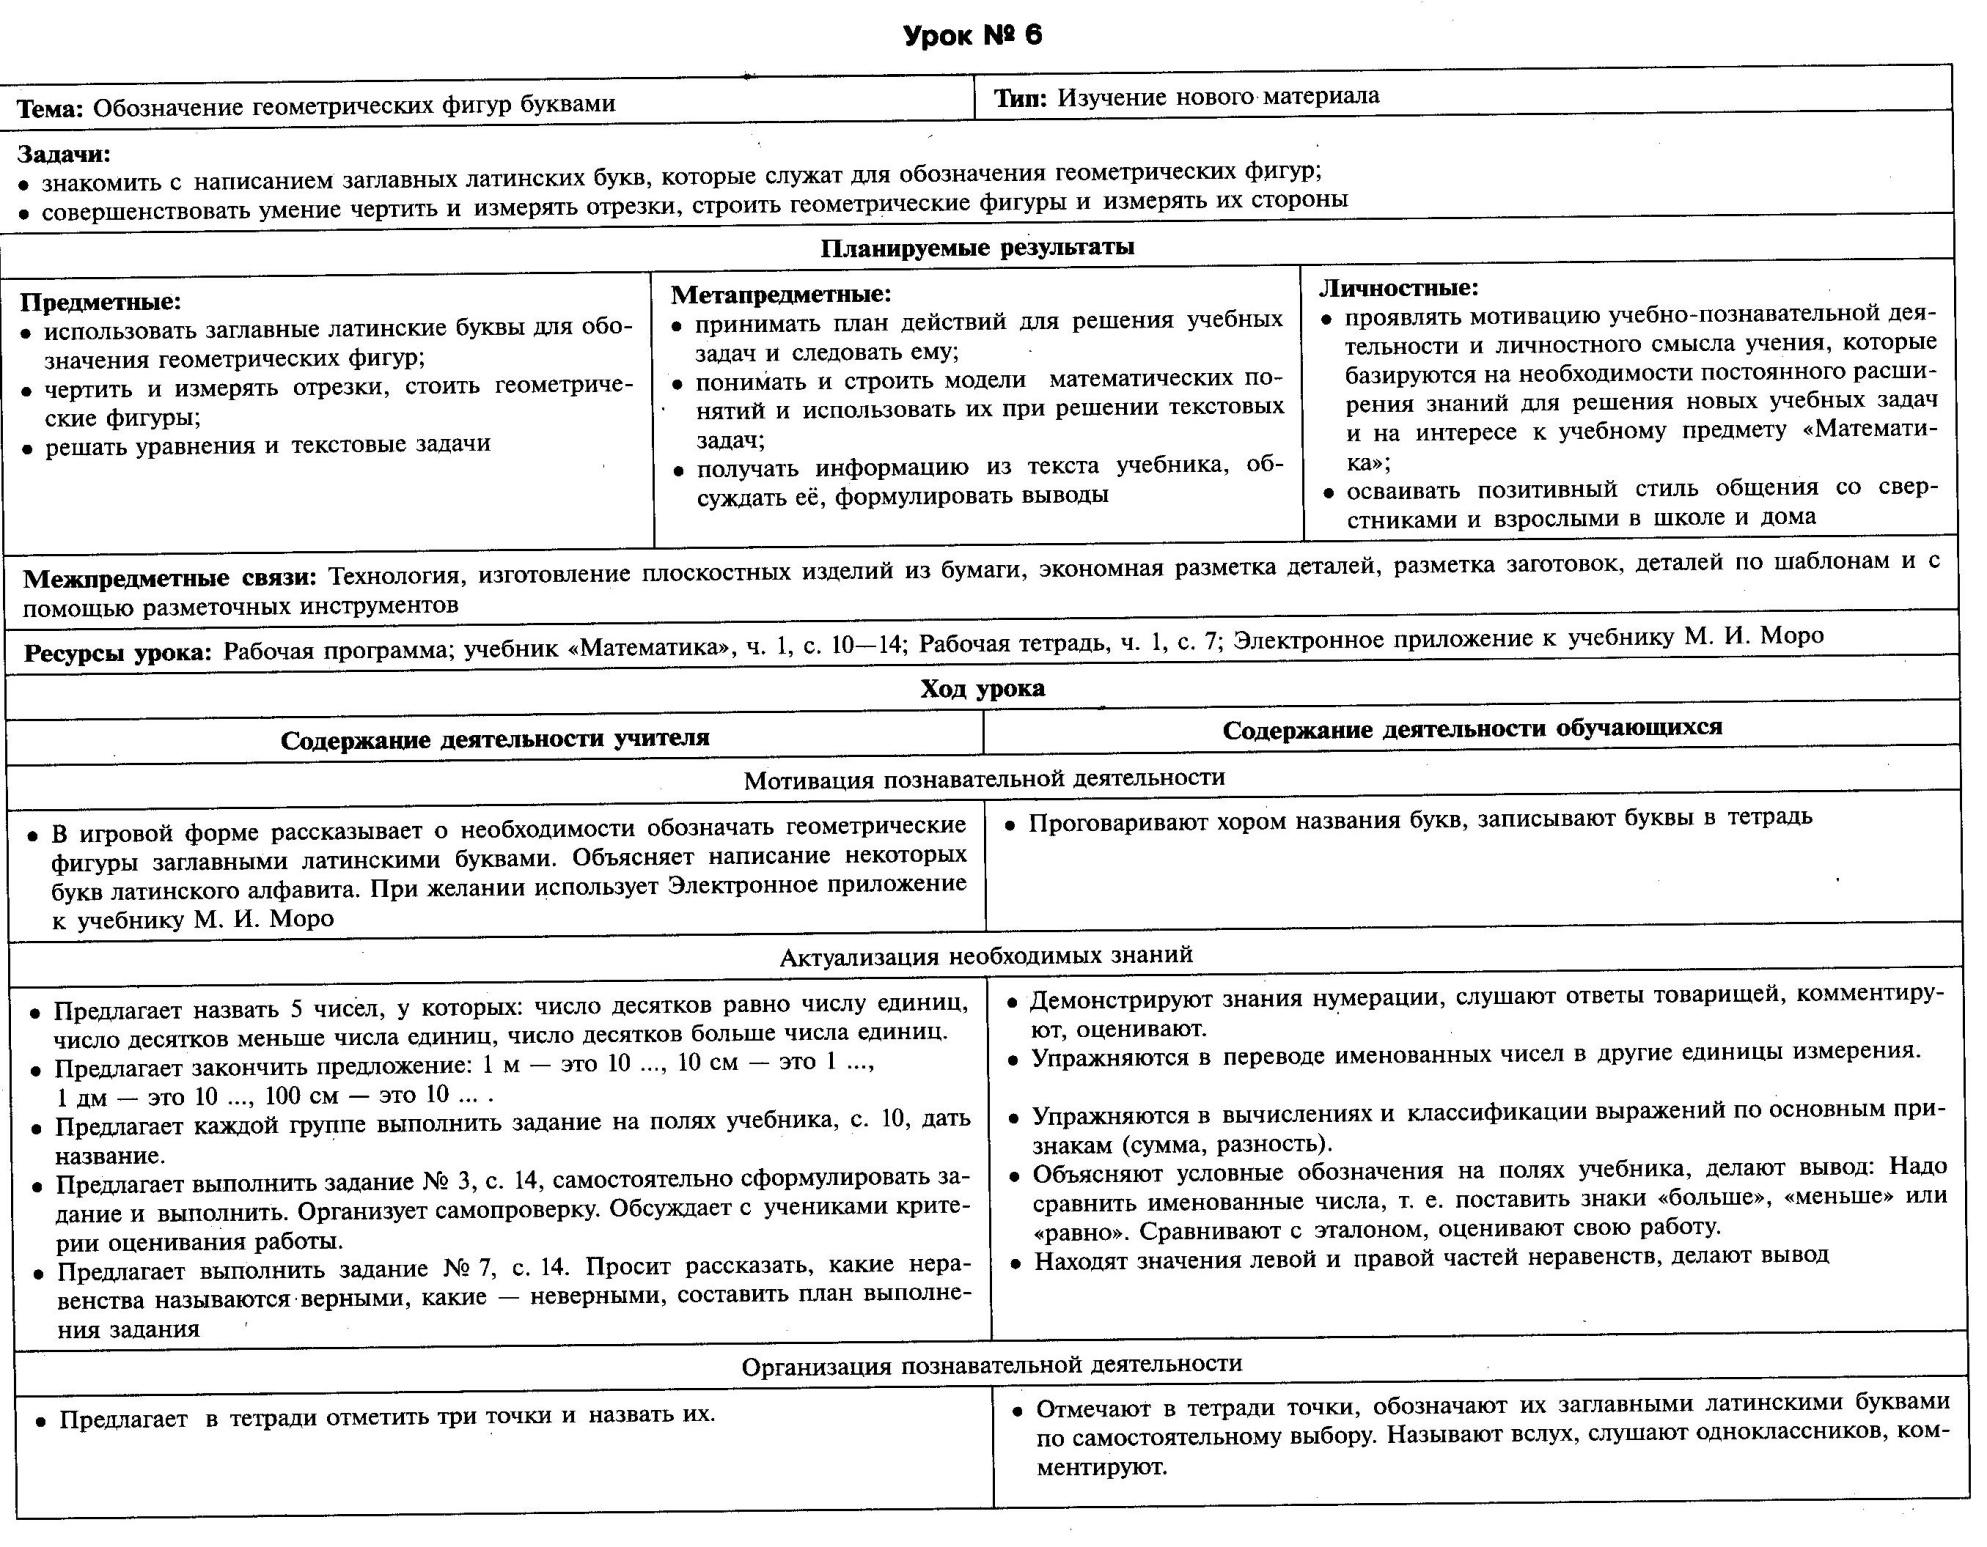 C:\Documents and Settings\Admin\Мои документы\Мои рисунки\1254.jpg